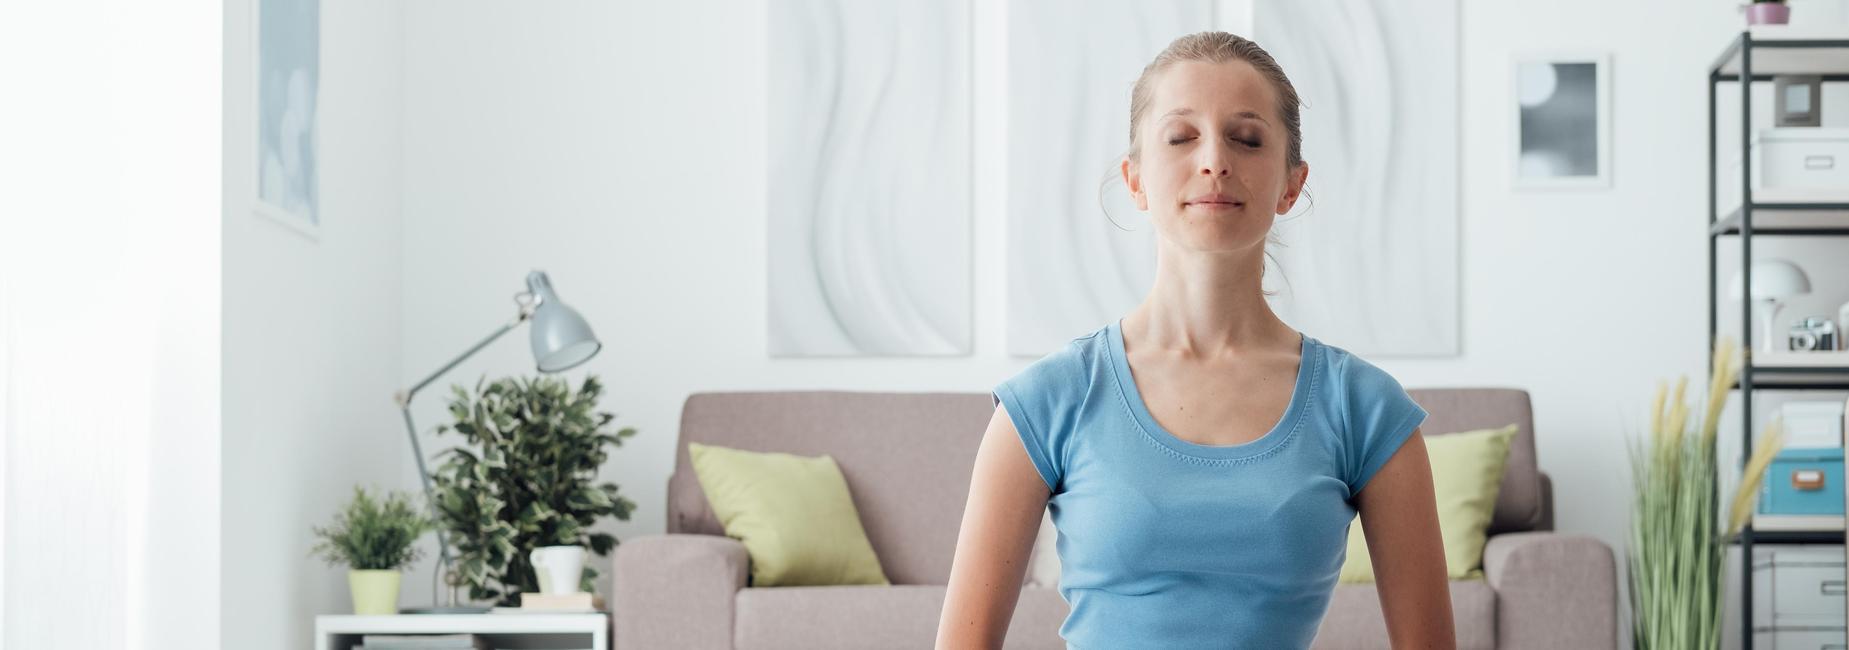 Woman Meditating in Yoga Pose